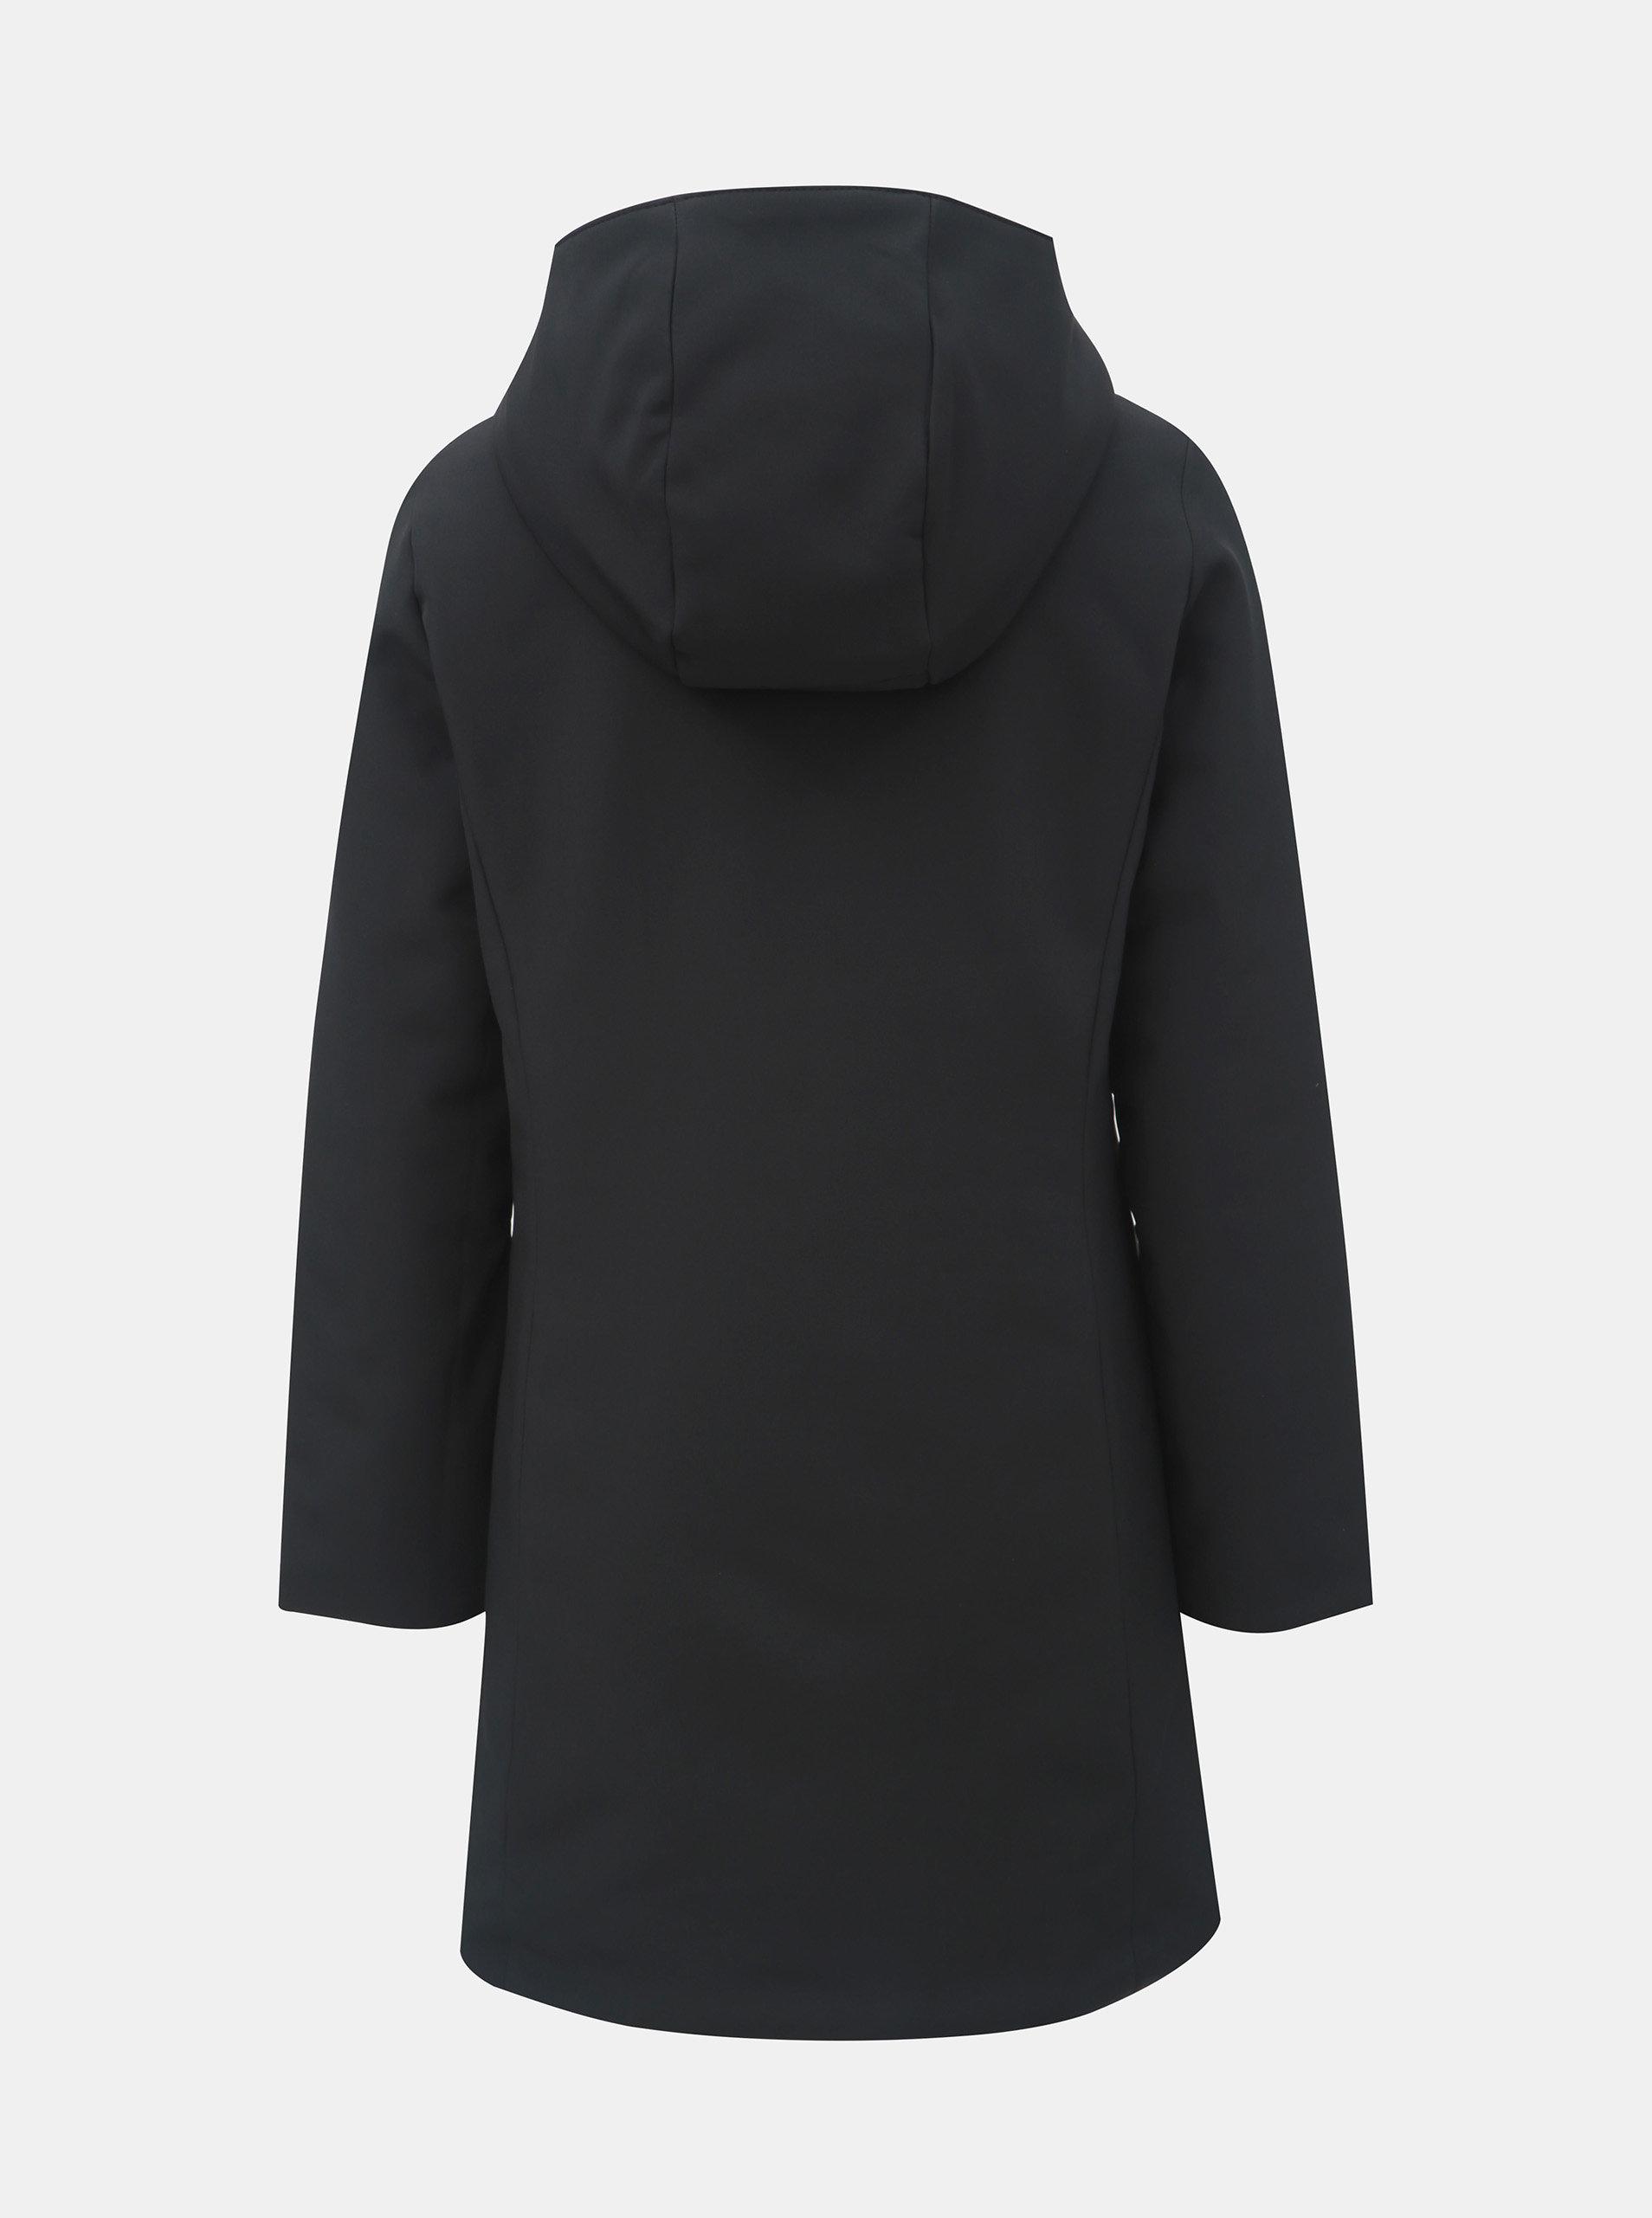 Černý oboustranný kabát s kapucí VERO MODA Reversible ... 7d5c780b663